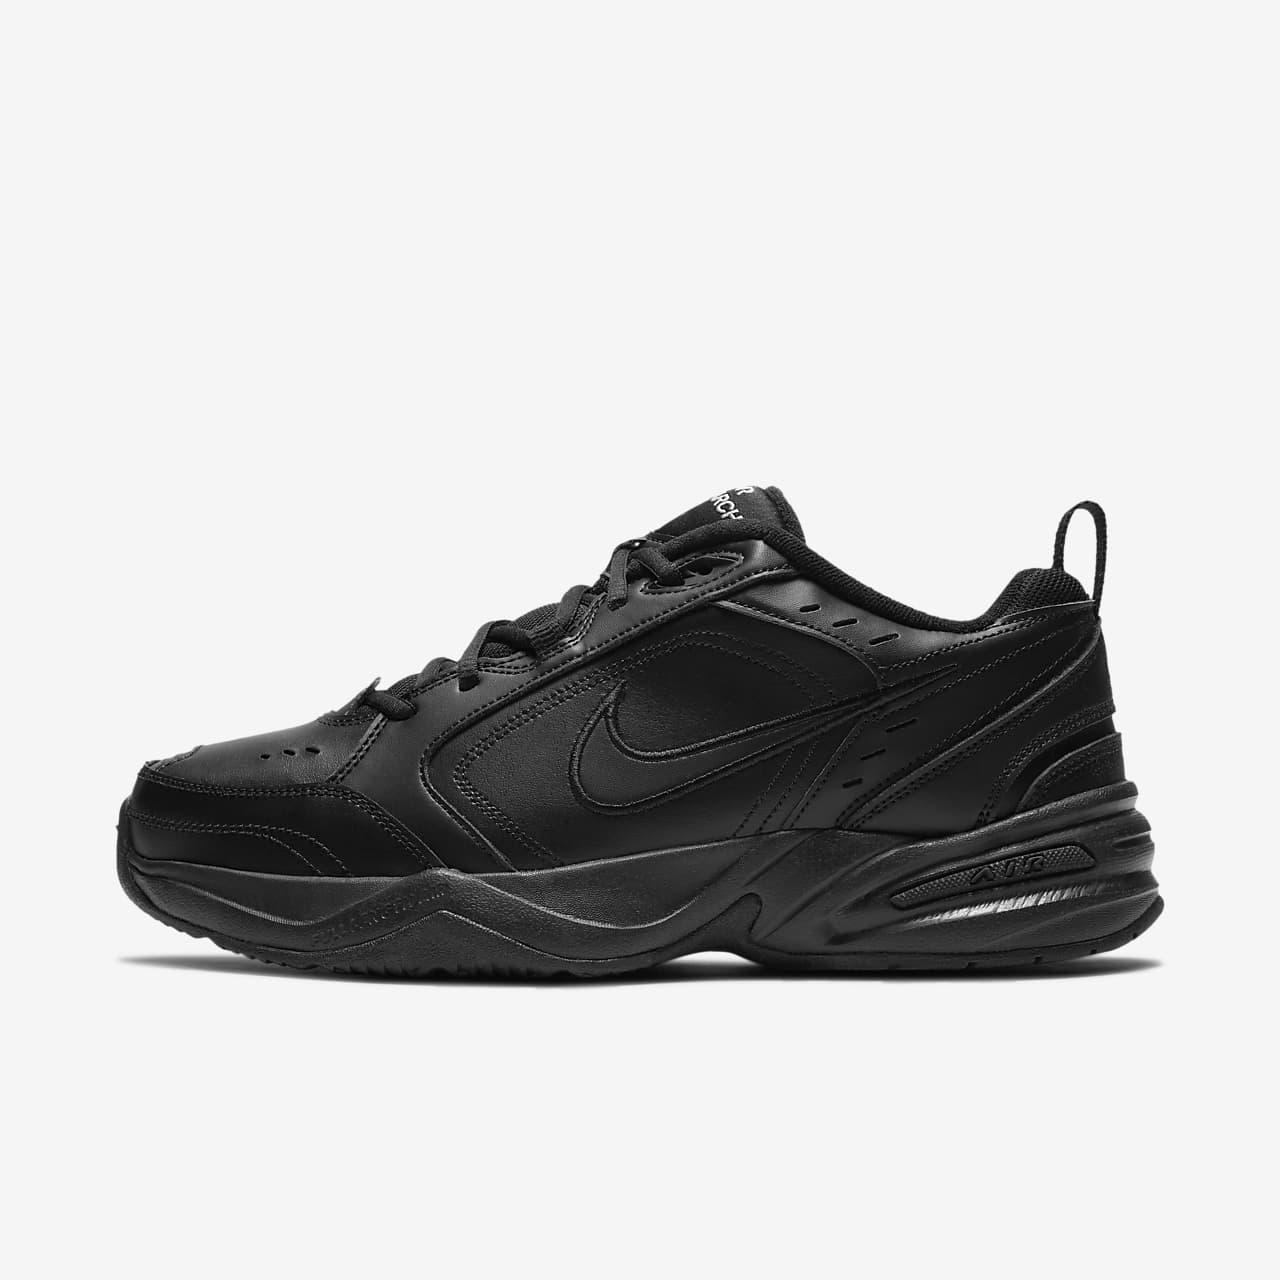 Chaussure de fitness et lifestyle Nike Air Monarch IV